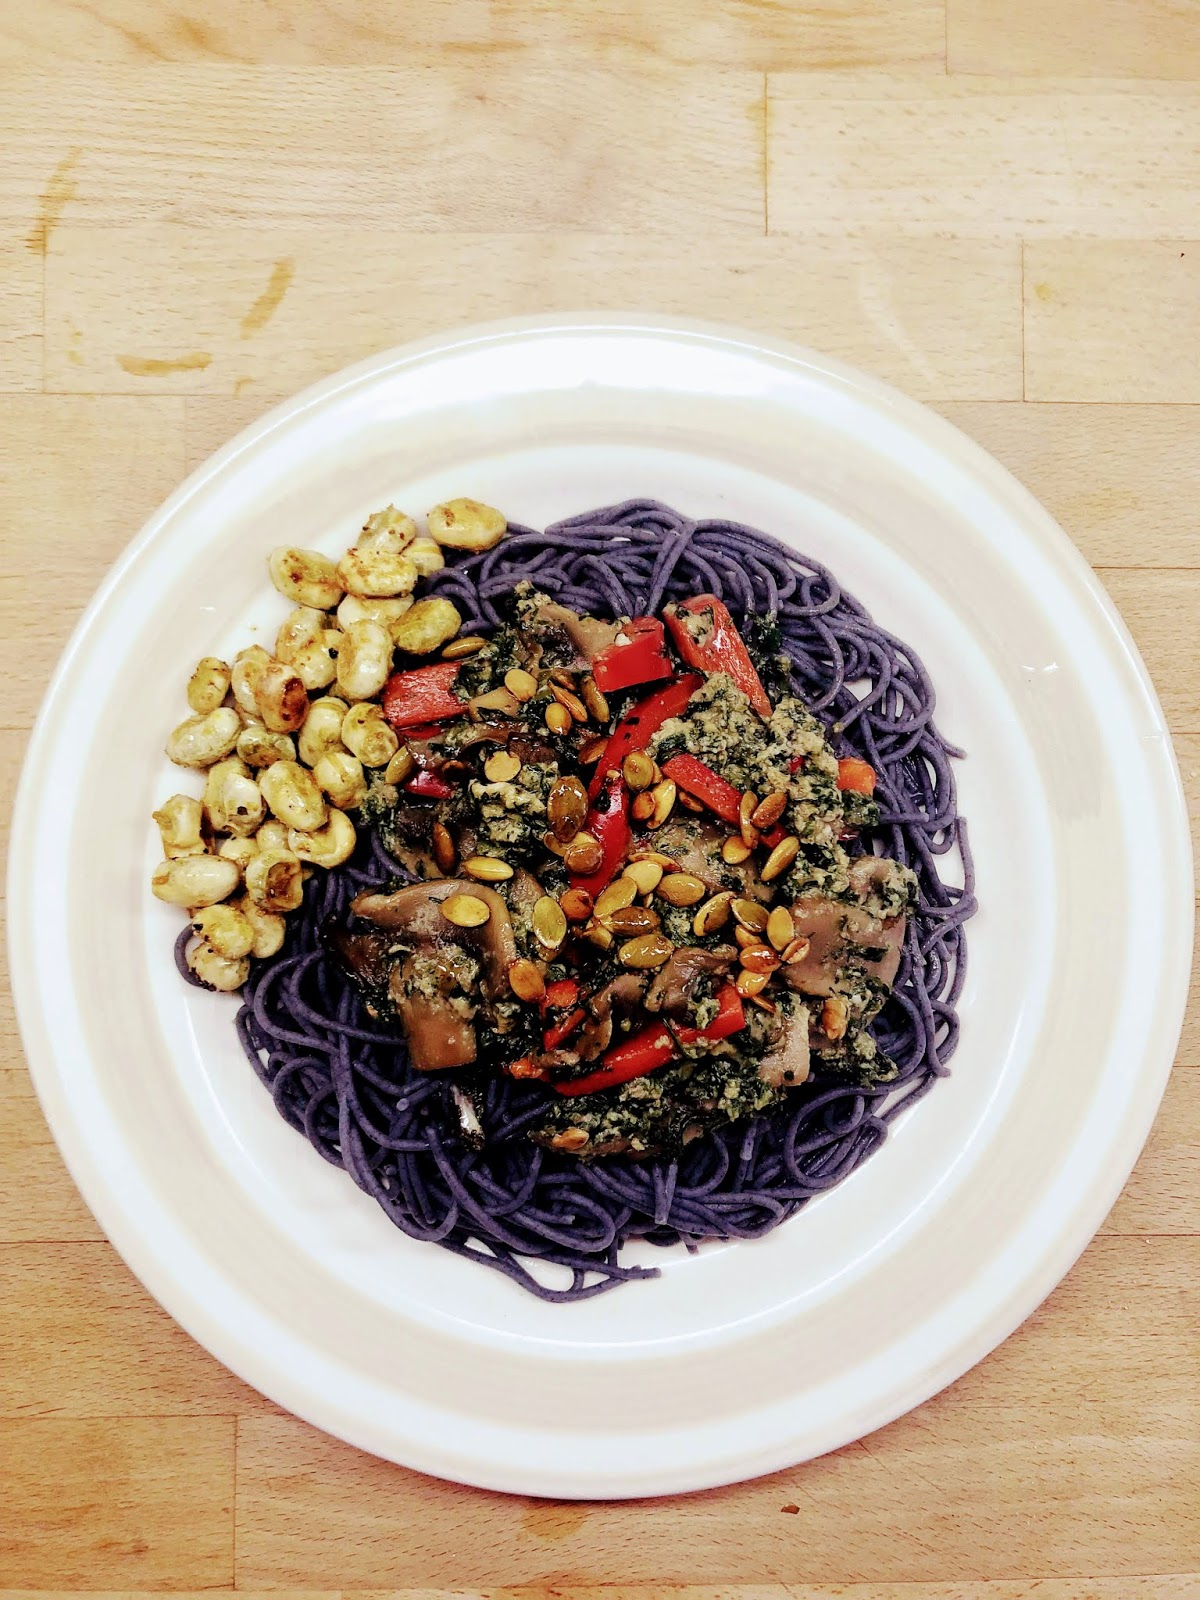 Spaghetti vegetariani z makaronem z czarnej fasoli oraz sosem warzywnym.